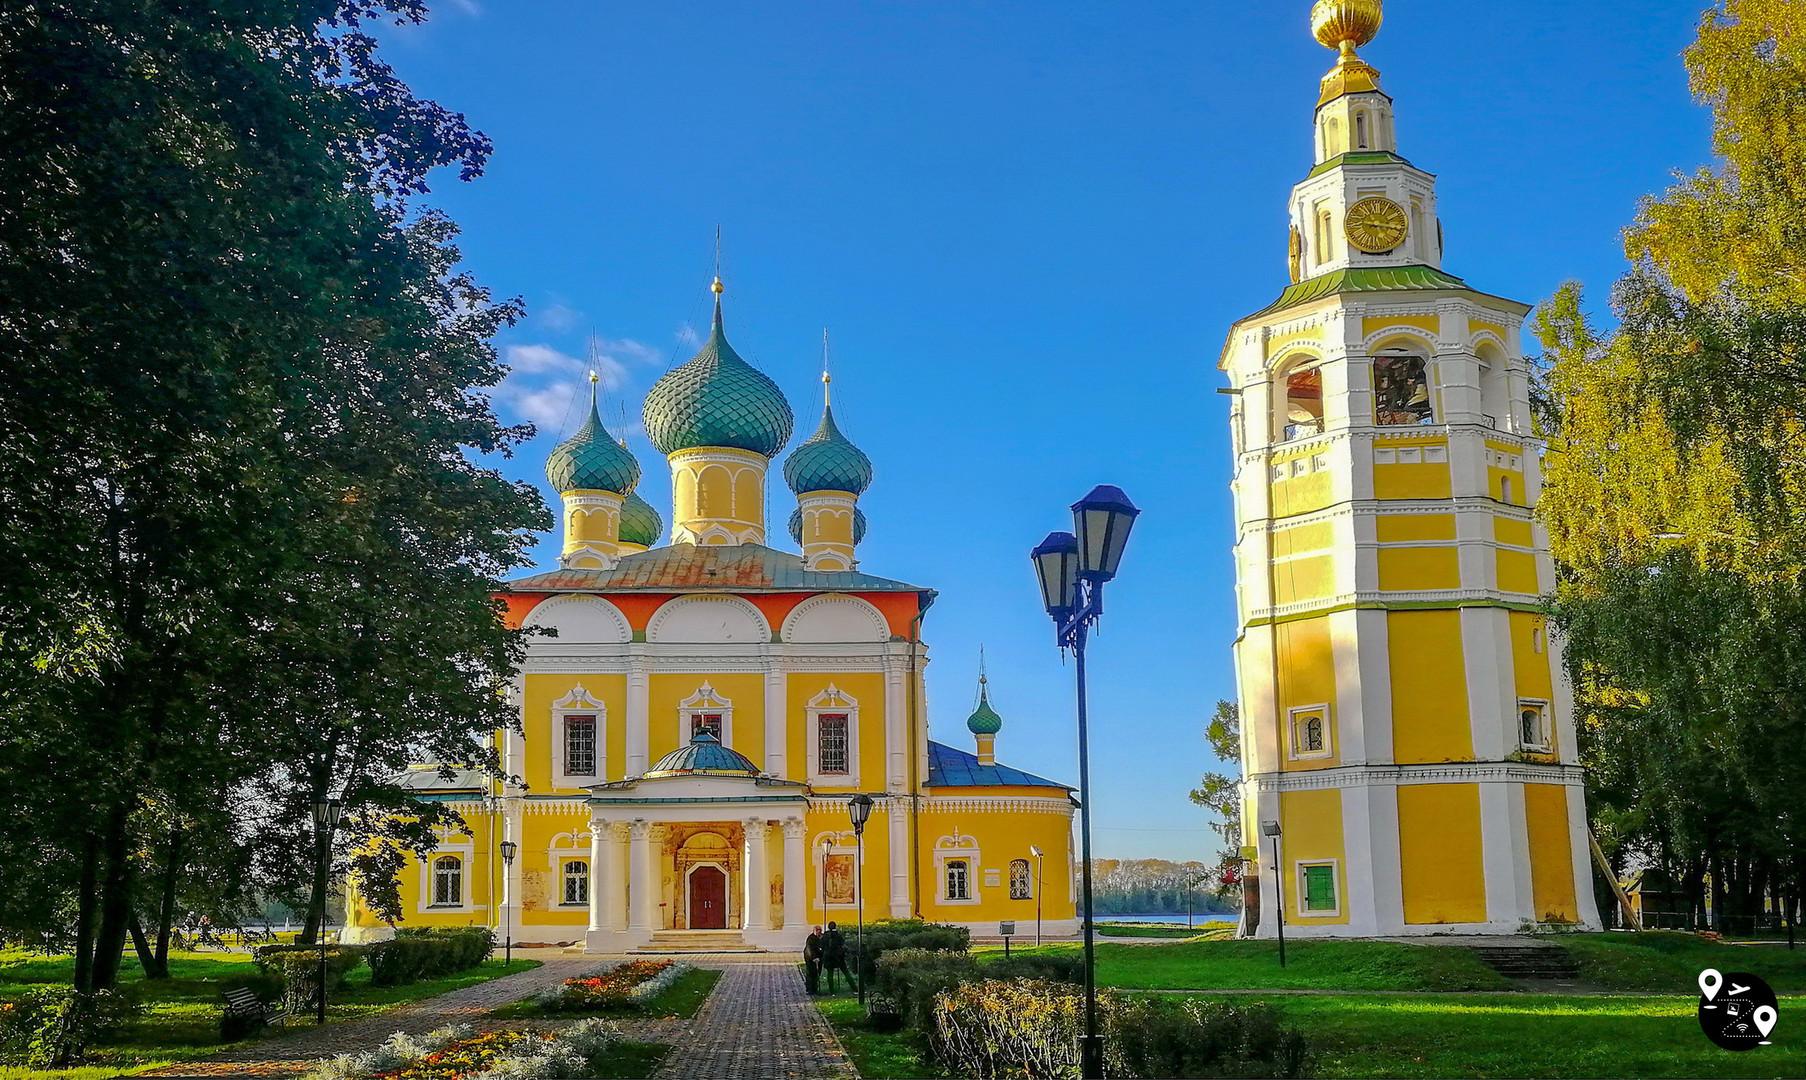 Угличский кремль, Углич